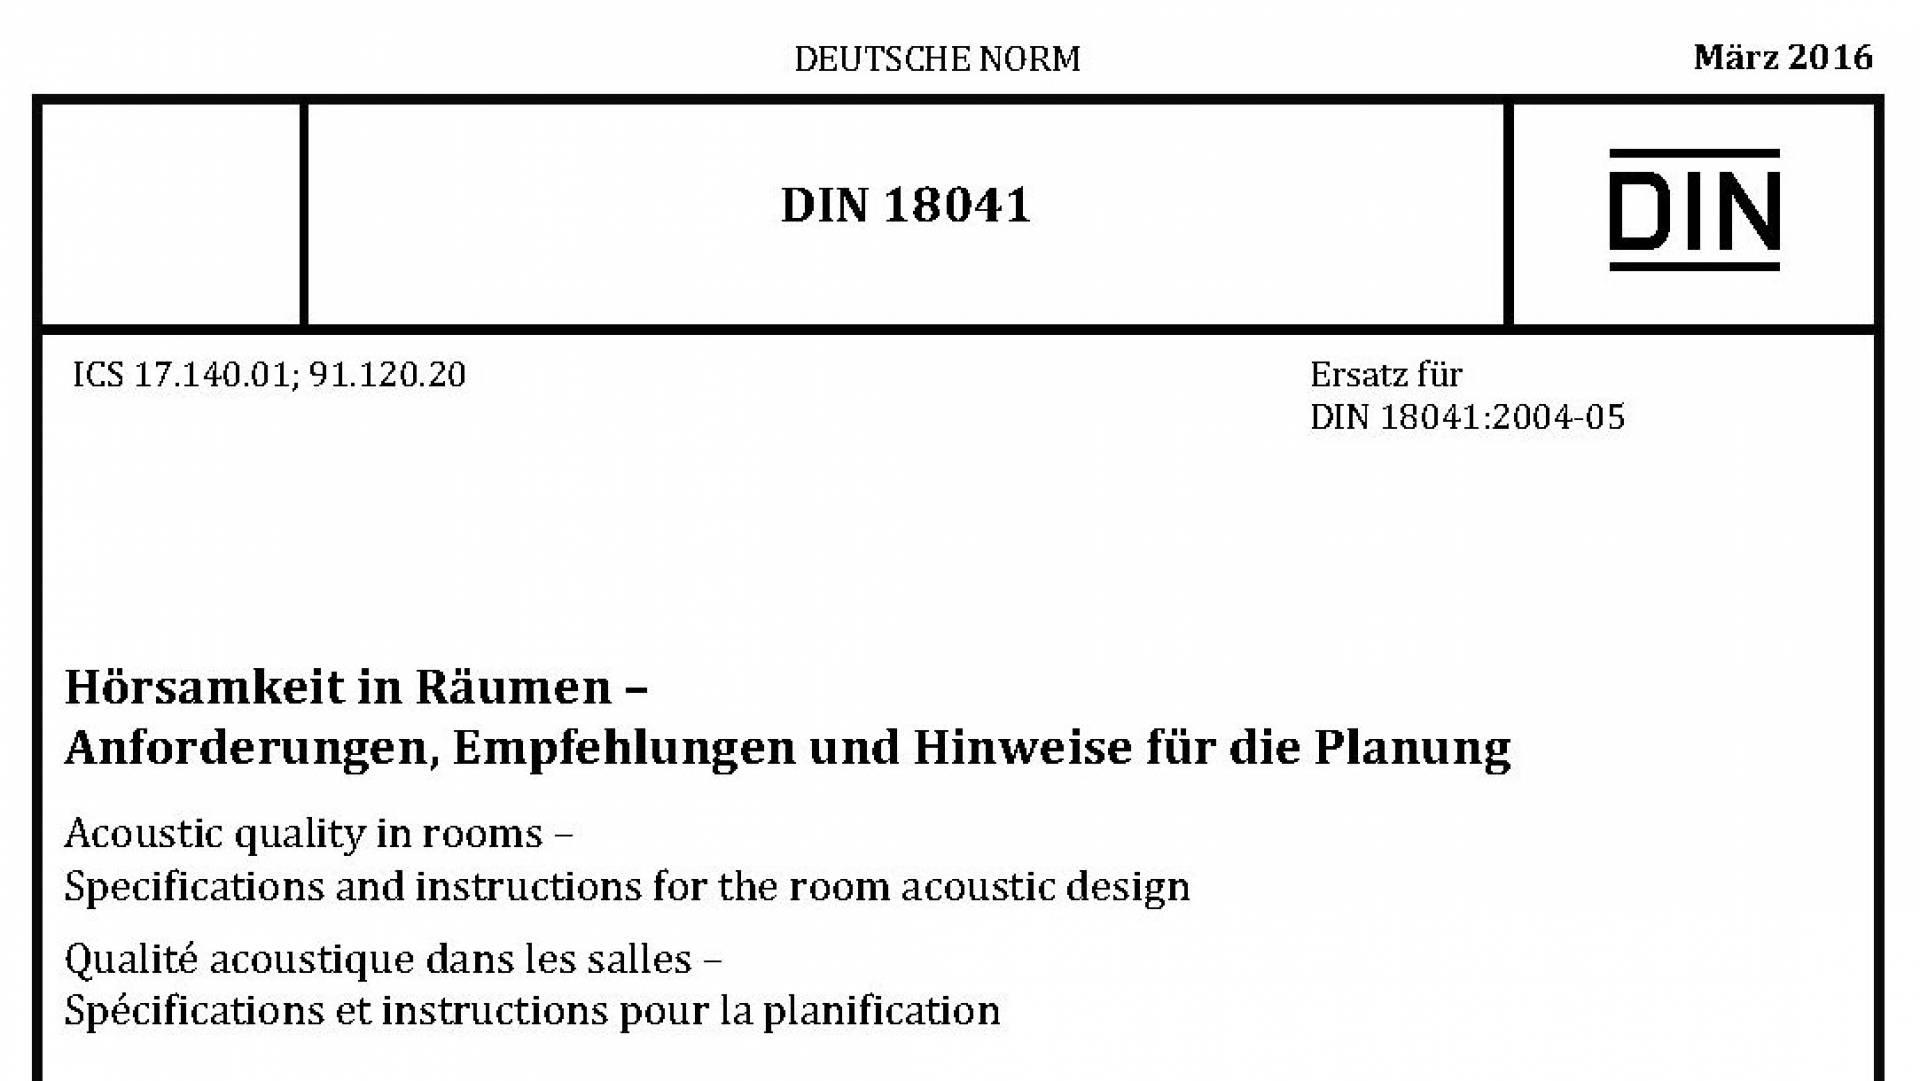 Din 18041 可在房间-要求、建议和忠告为办公室、会议室和教室的计划